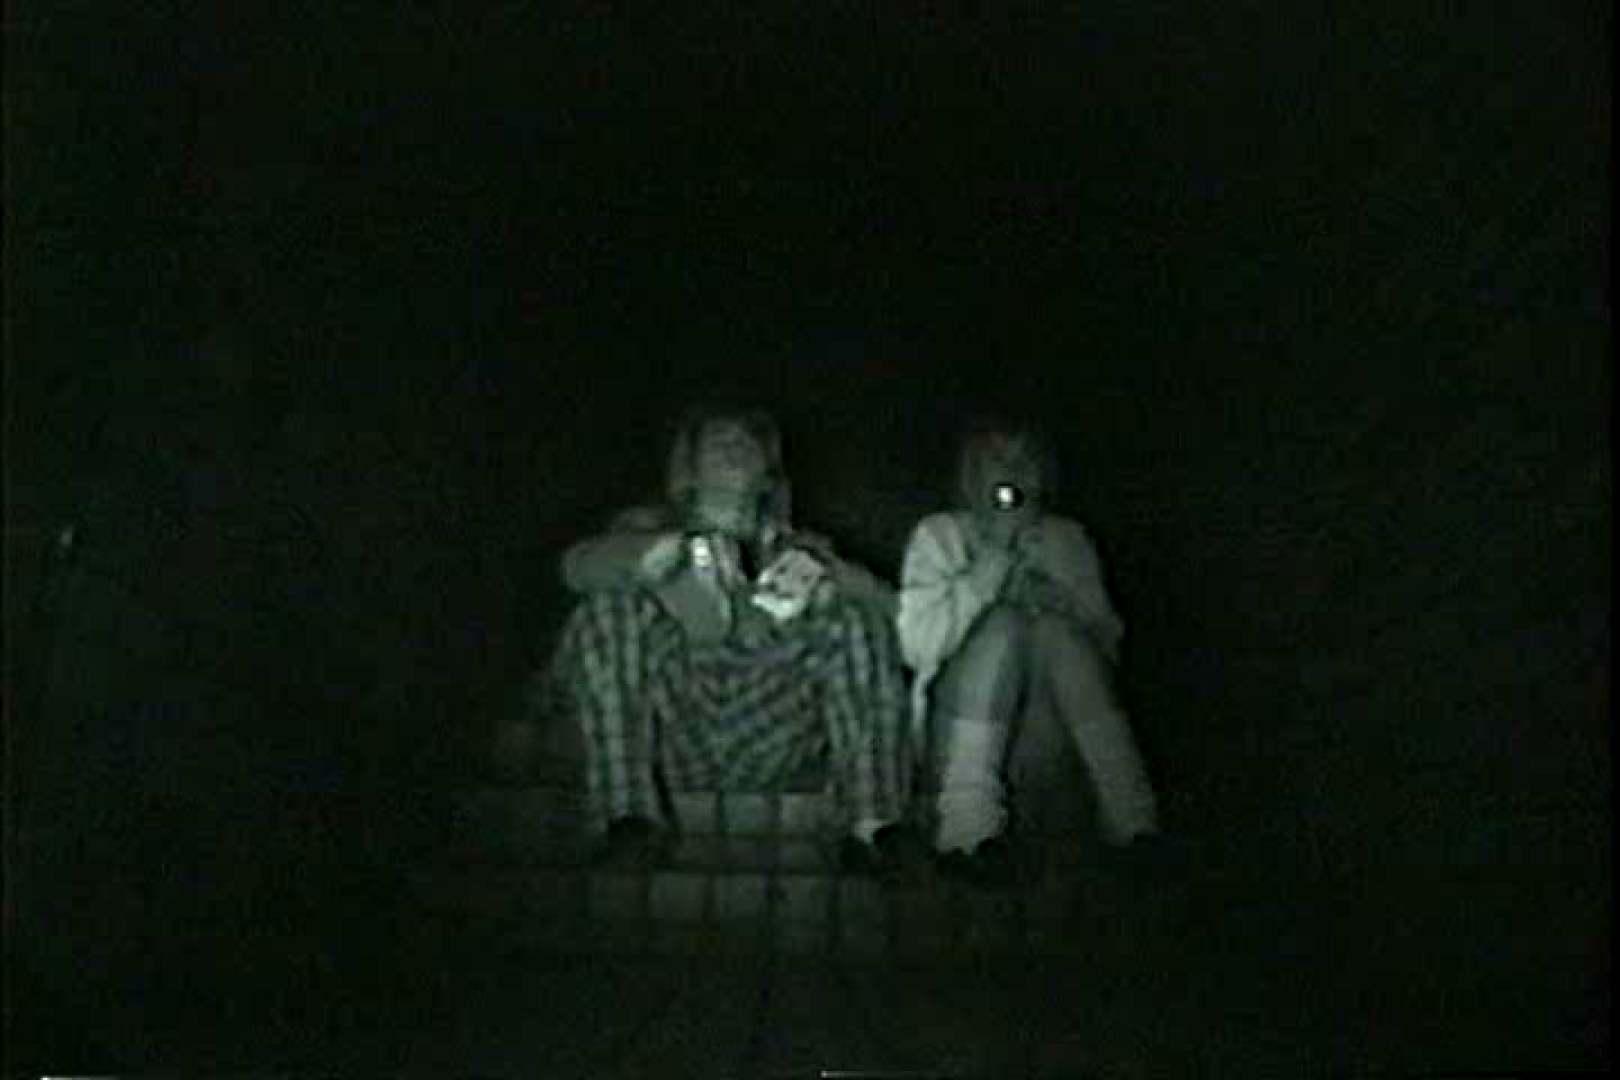 闇の仕掛け人 無修正版 Vol.17 制服エロ画像 のぞき動画画像 20PICs 15